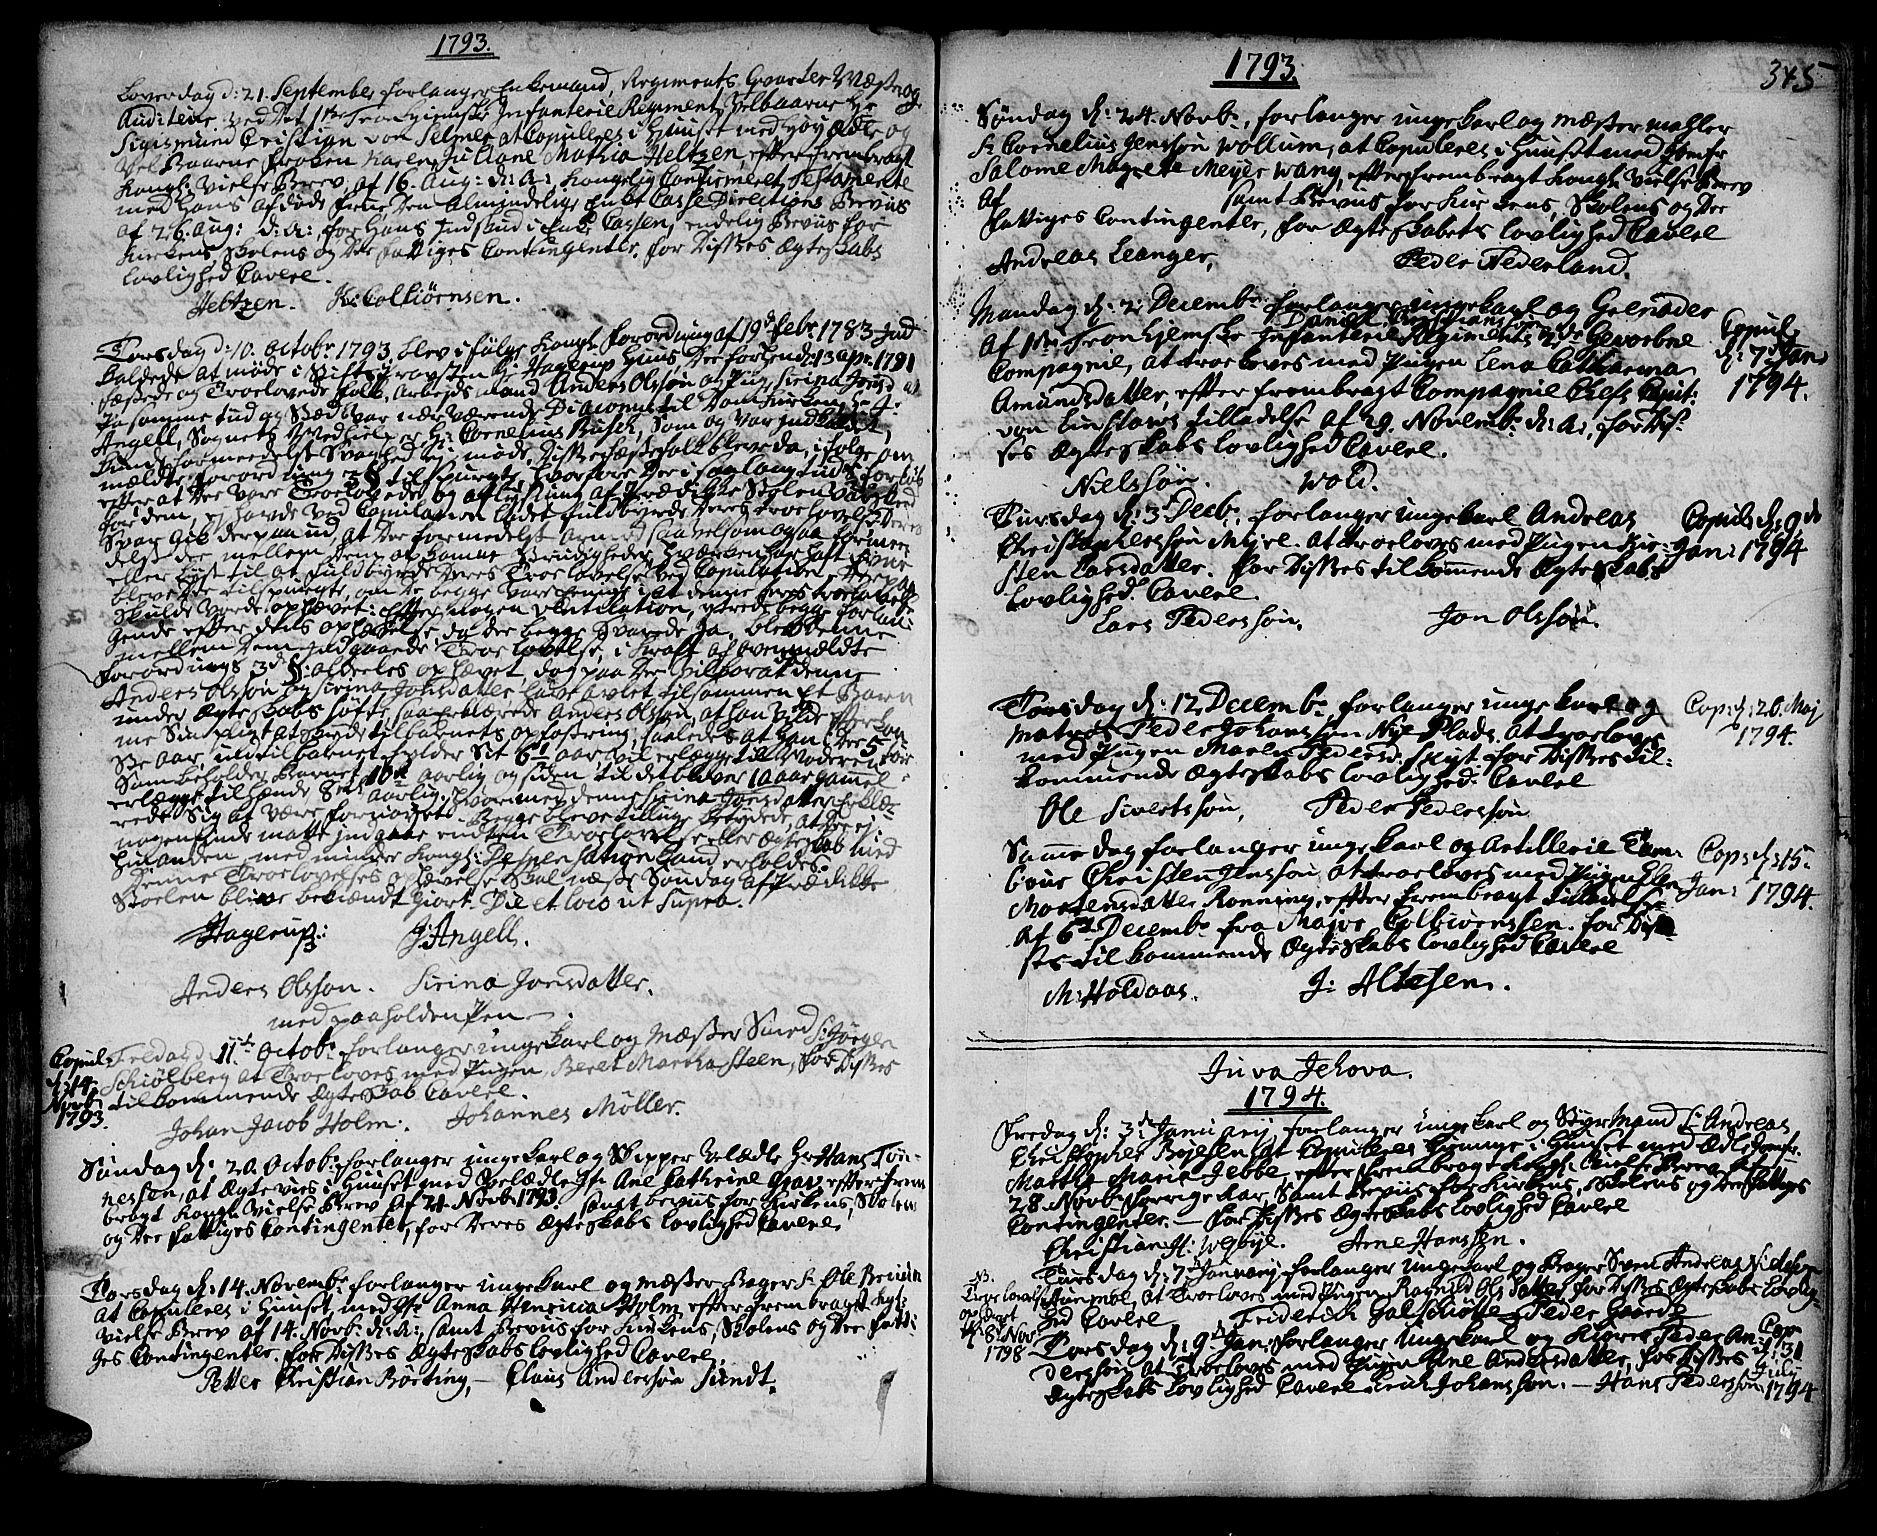 SAT, Ministerialprotokoller, klokkerbøker og fødselsregistre - Sør-Trøndelag, 601/L0038: Ministerialbok nr. 601A06, 1766-1877, s. 345